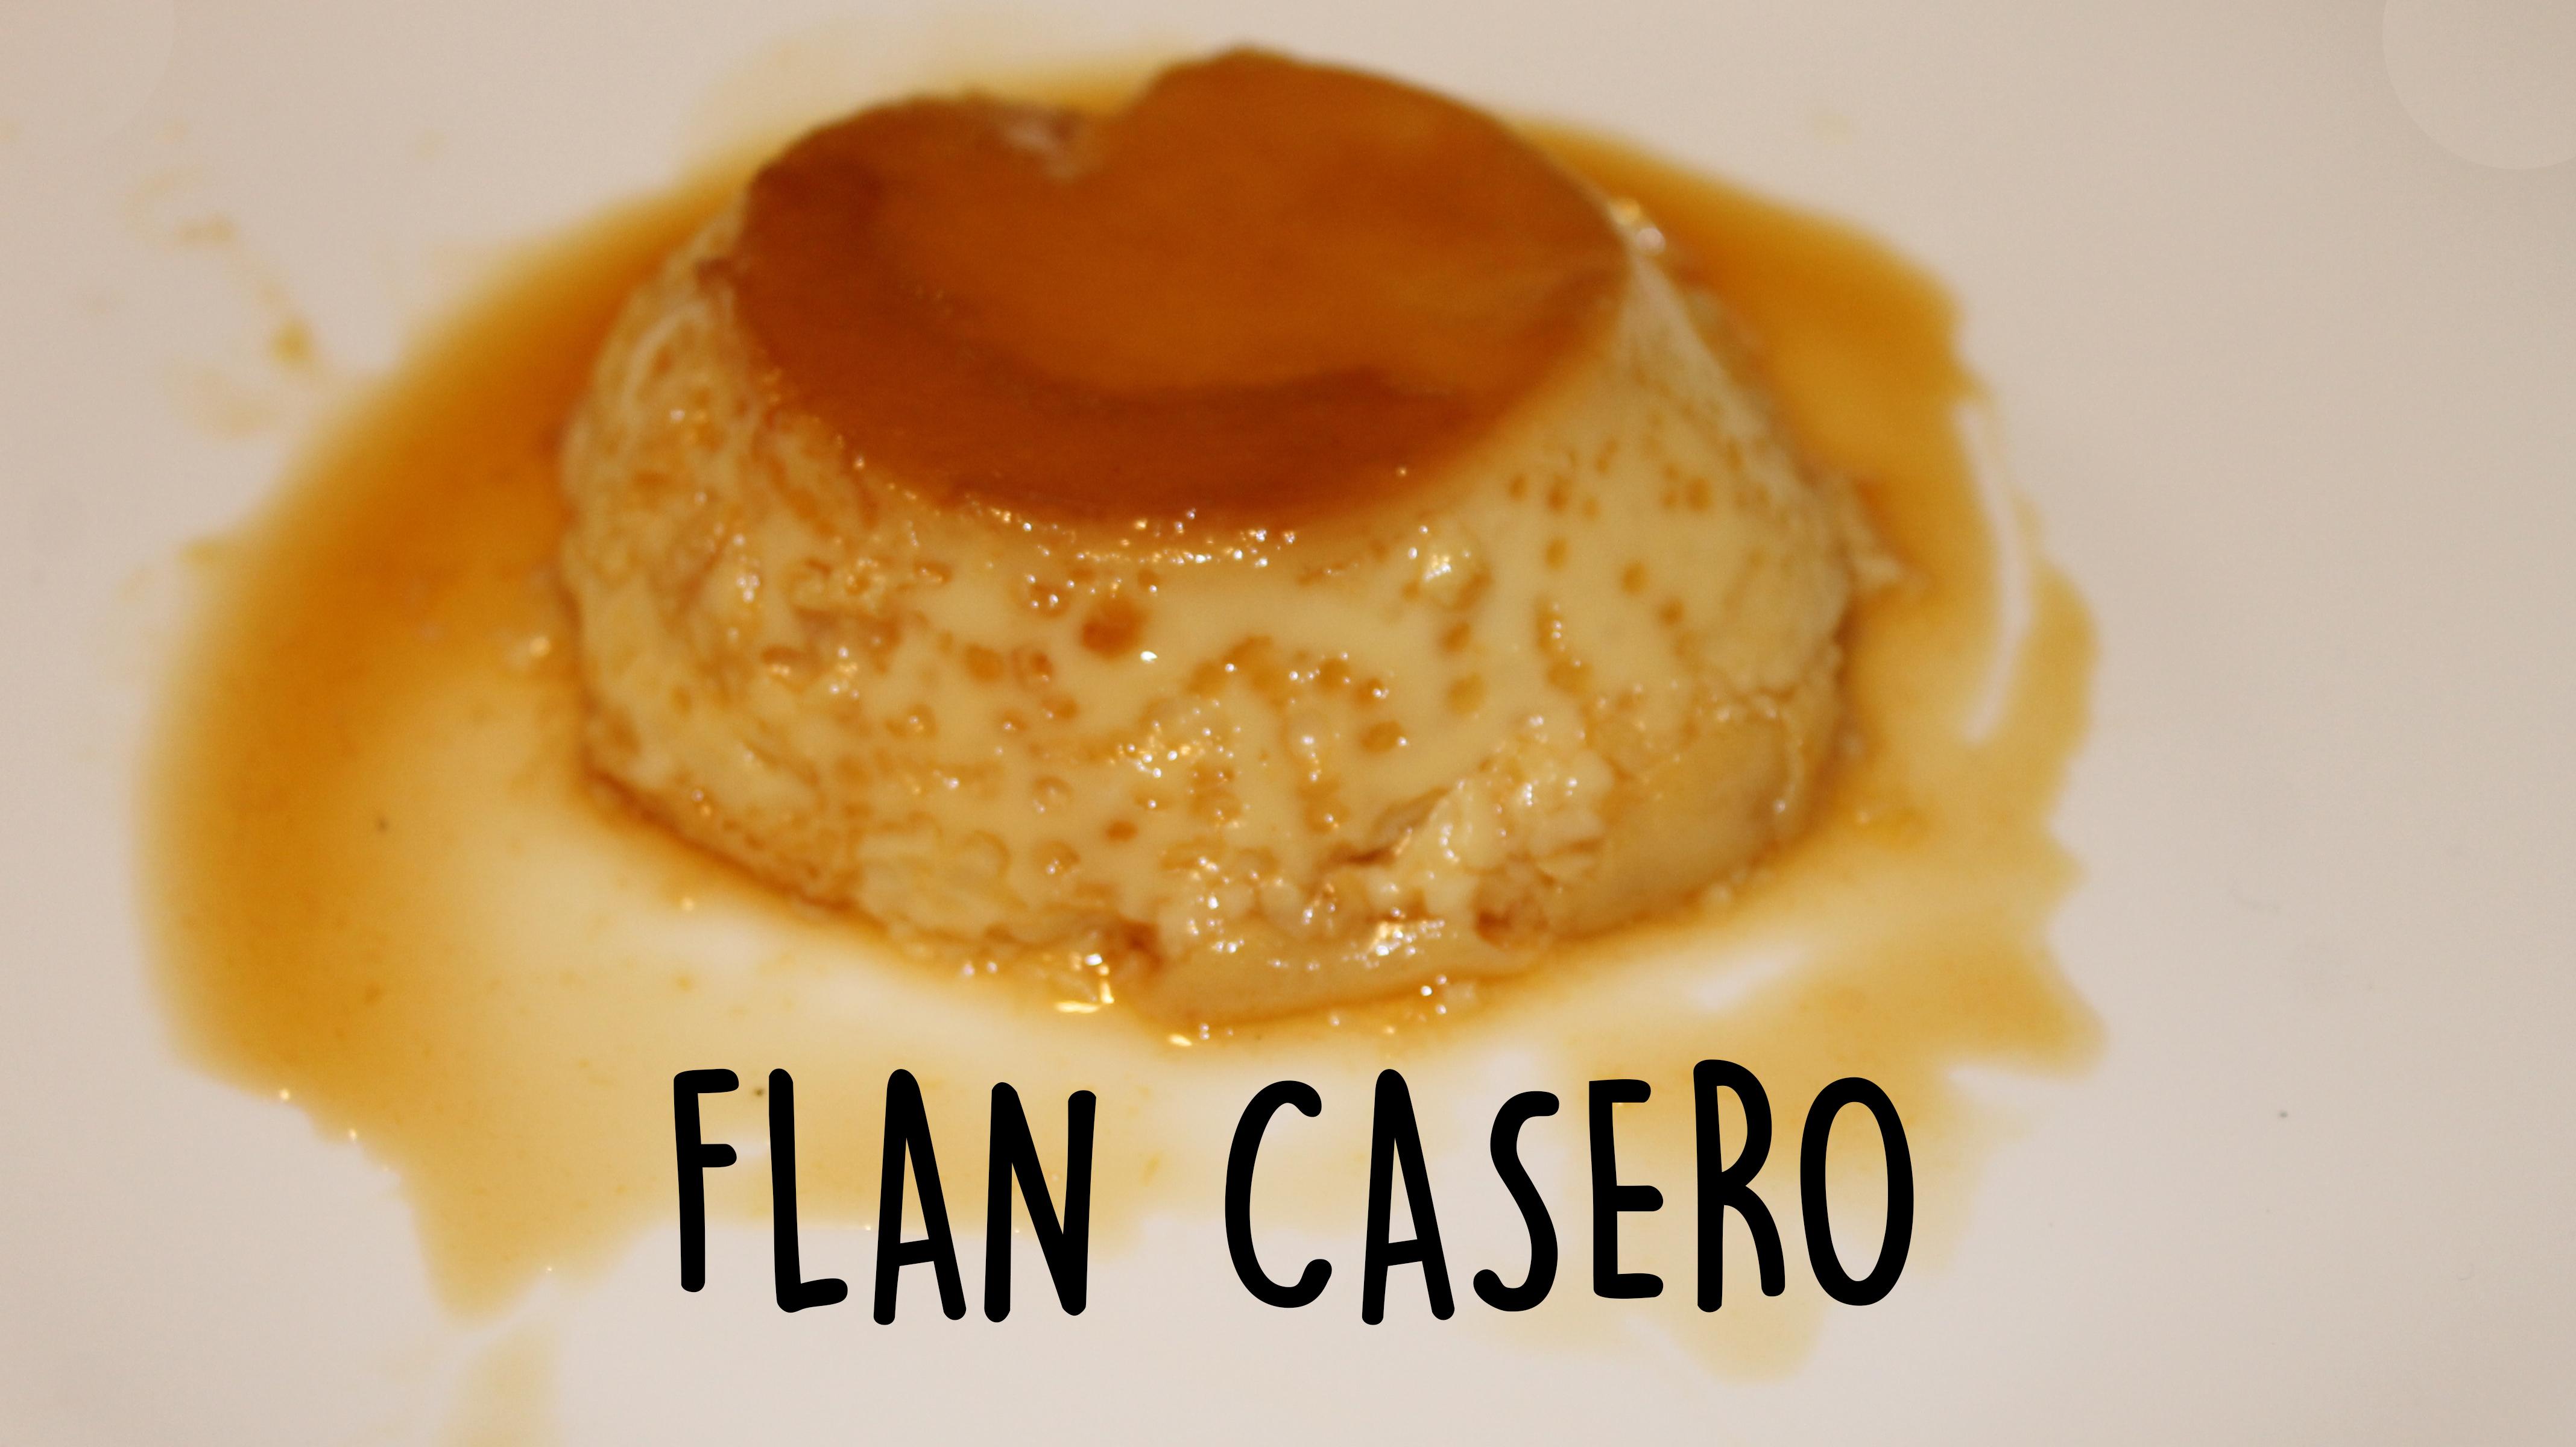 Flan casero con leche condensada receta paso a paso